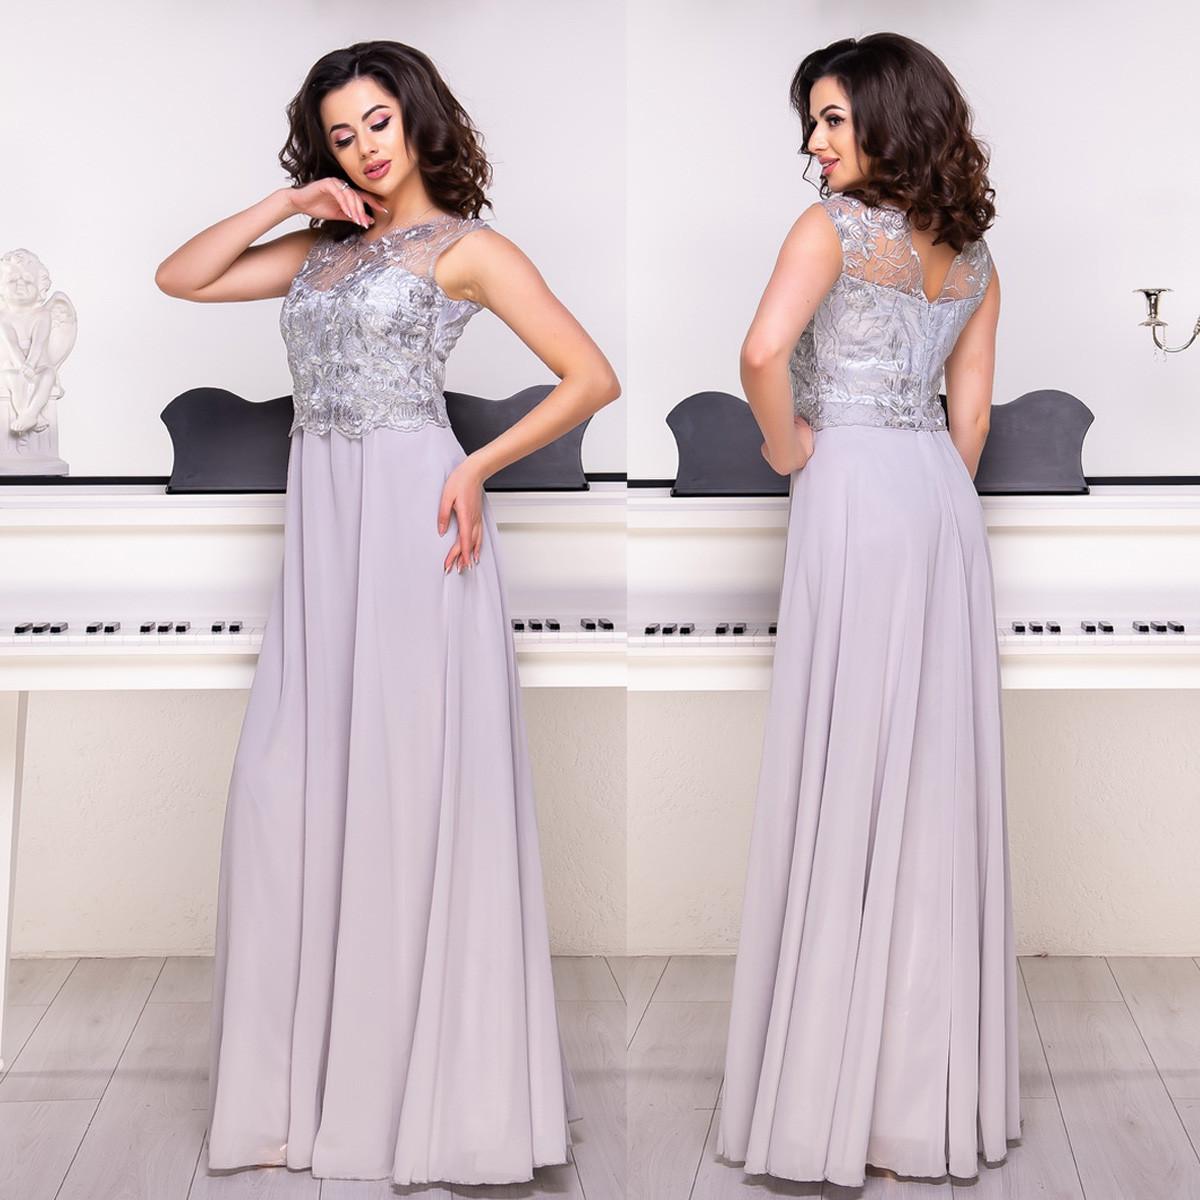 74d509ba164 Шифоновое длинное платье серебро выпускное